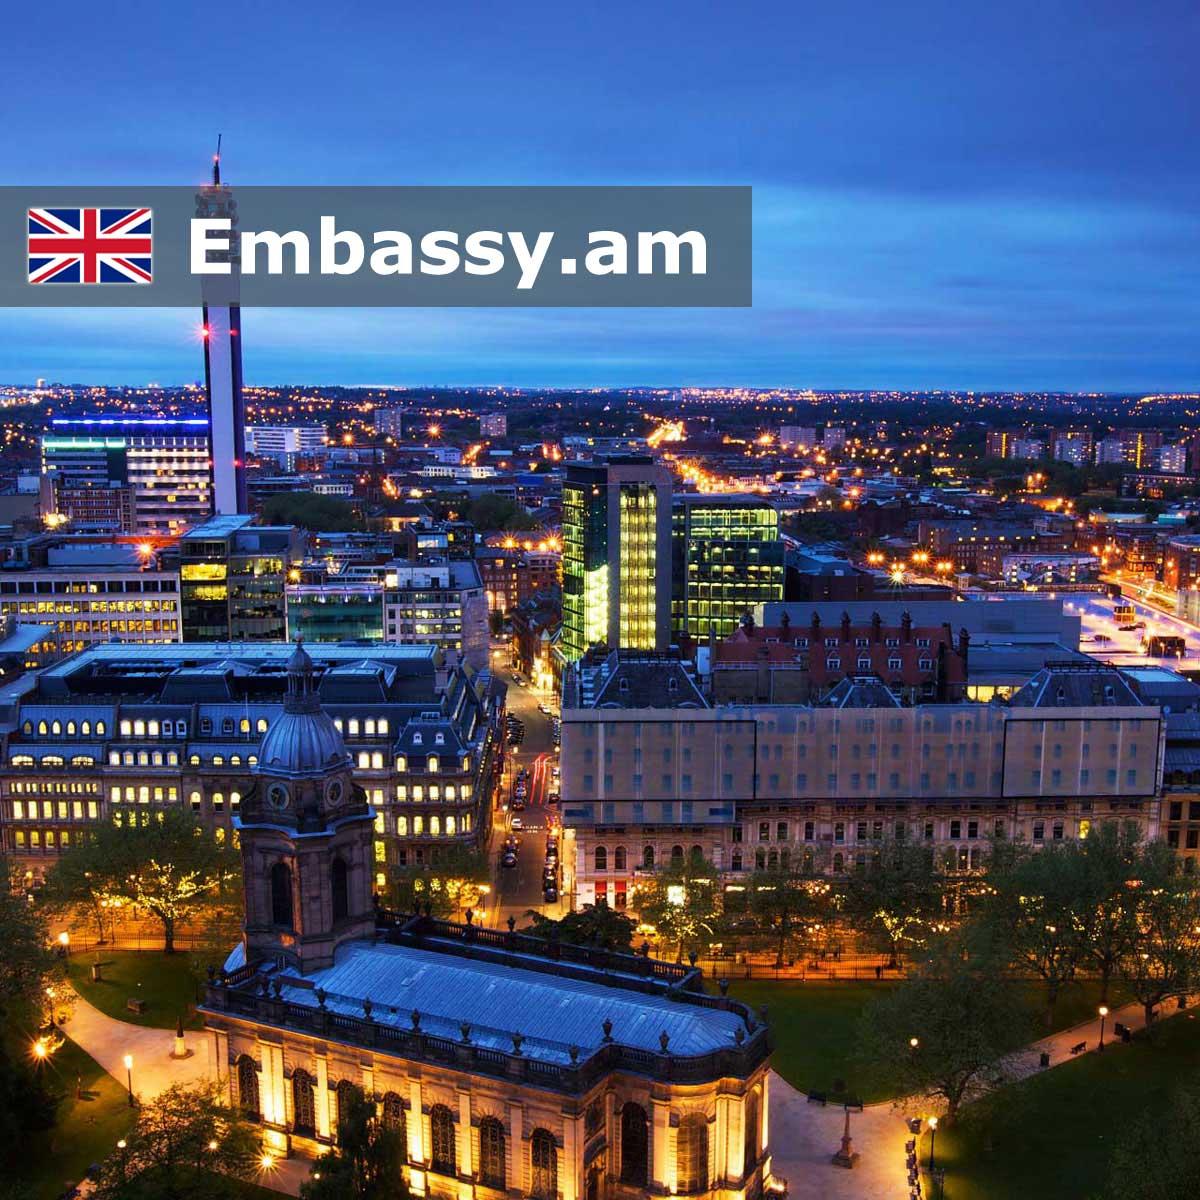 Birmingham - Hotels in United Kingdom - Embassy.am